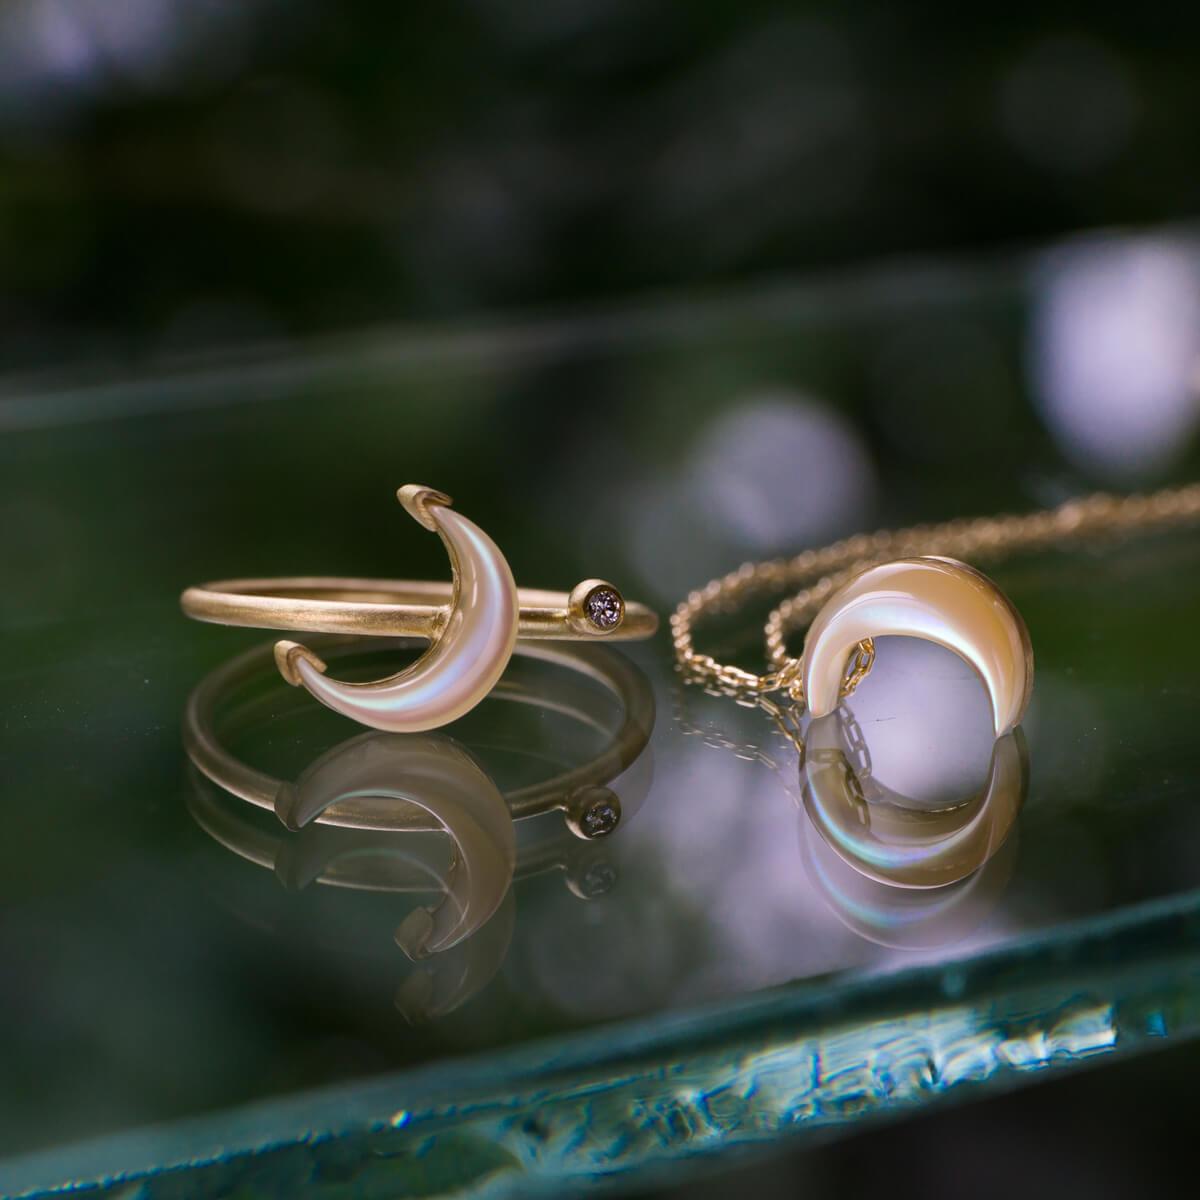 星と月の指輪、月のネックレス 屋久島の夜光貝、ゴールド、ダイヤモンド 屋久島しずくギャラリーのディスプレイ 屋久島海とジュエリー